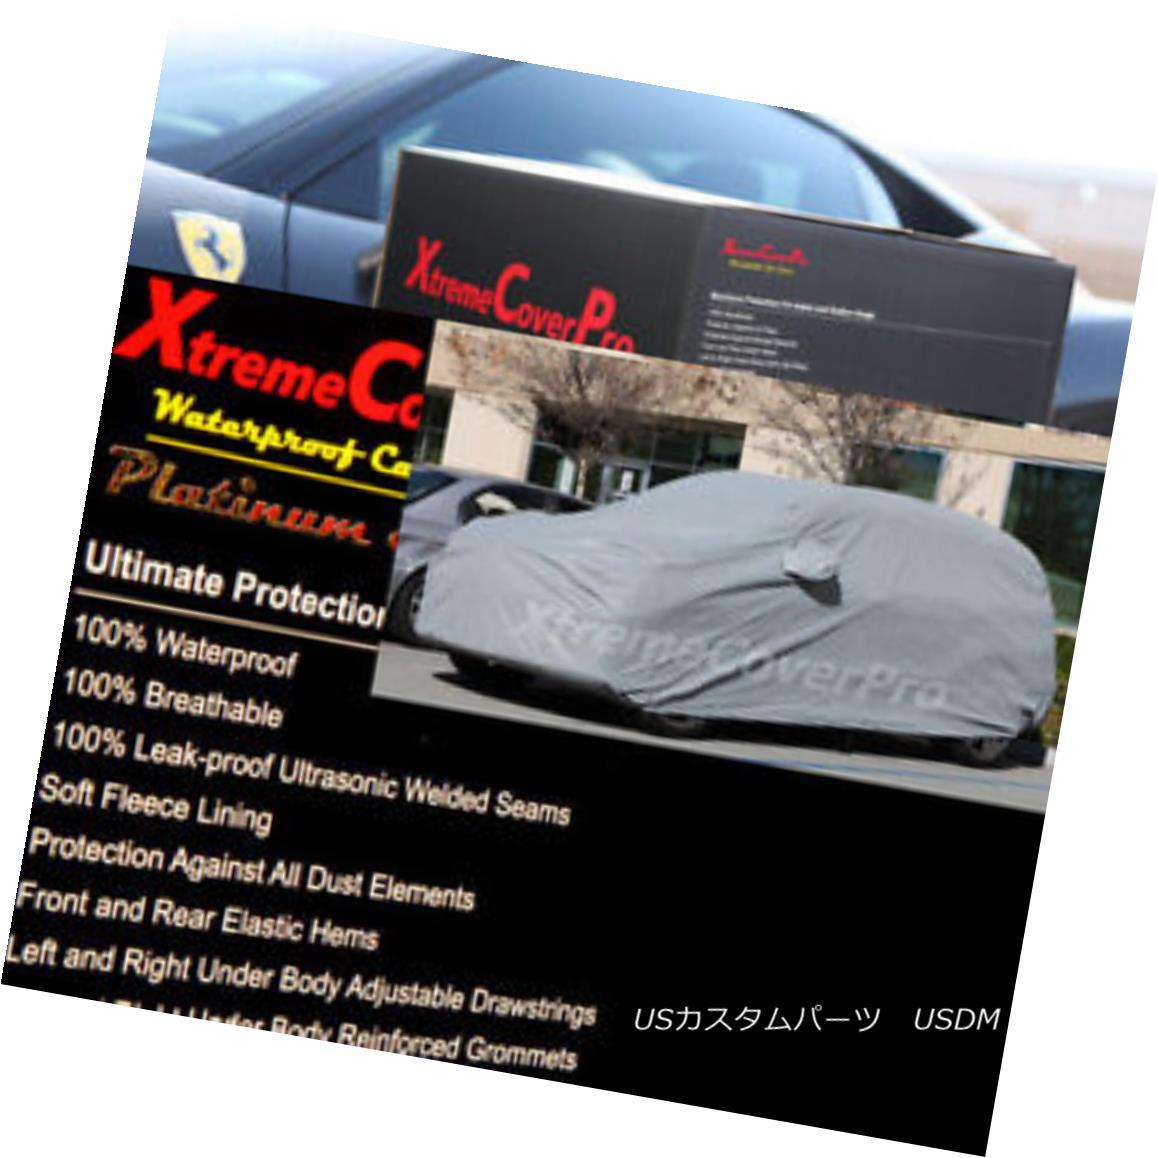 カーカバー 2013 Toyota Sequoia Waterproof Car Cover w/MirrorPocket 2013年トヨタセコイア防水カーカバー付きMirrorPocket